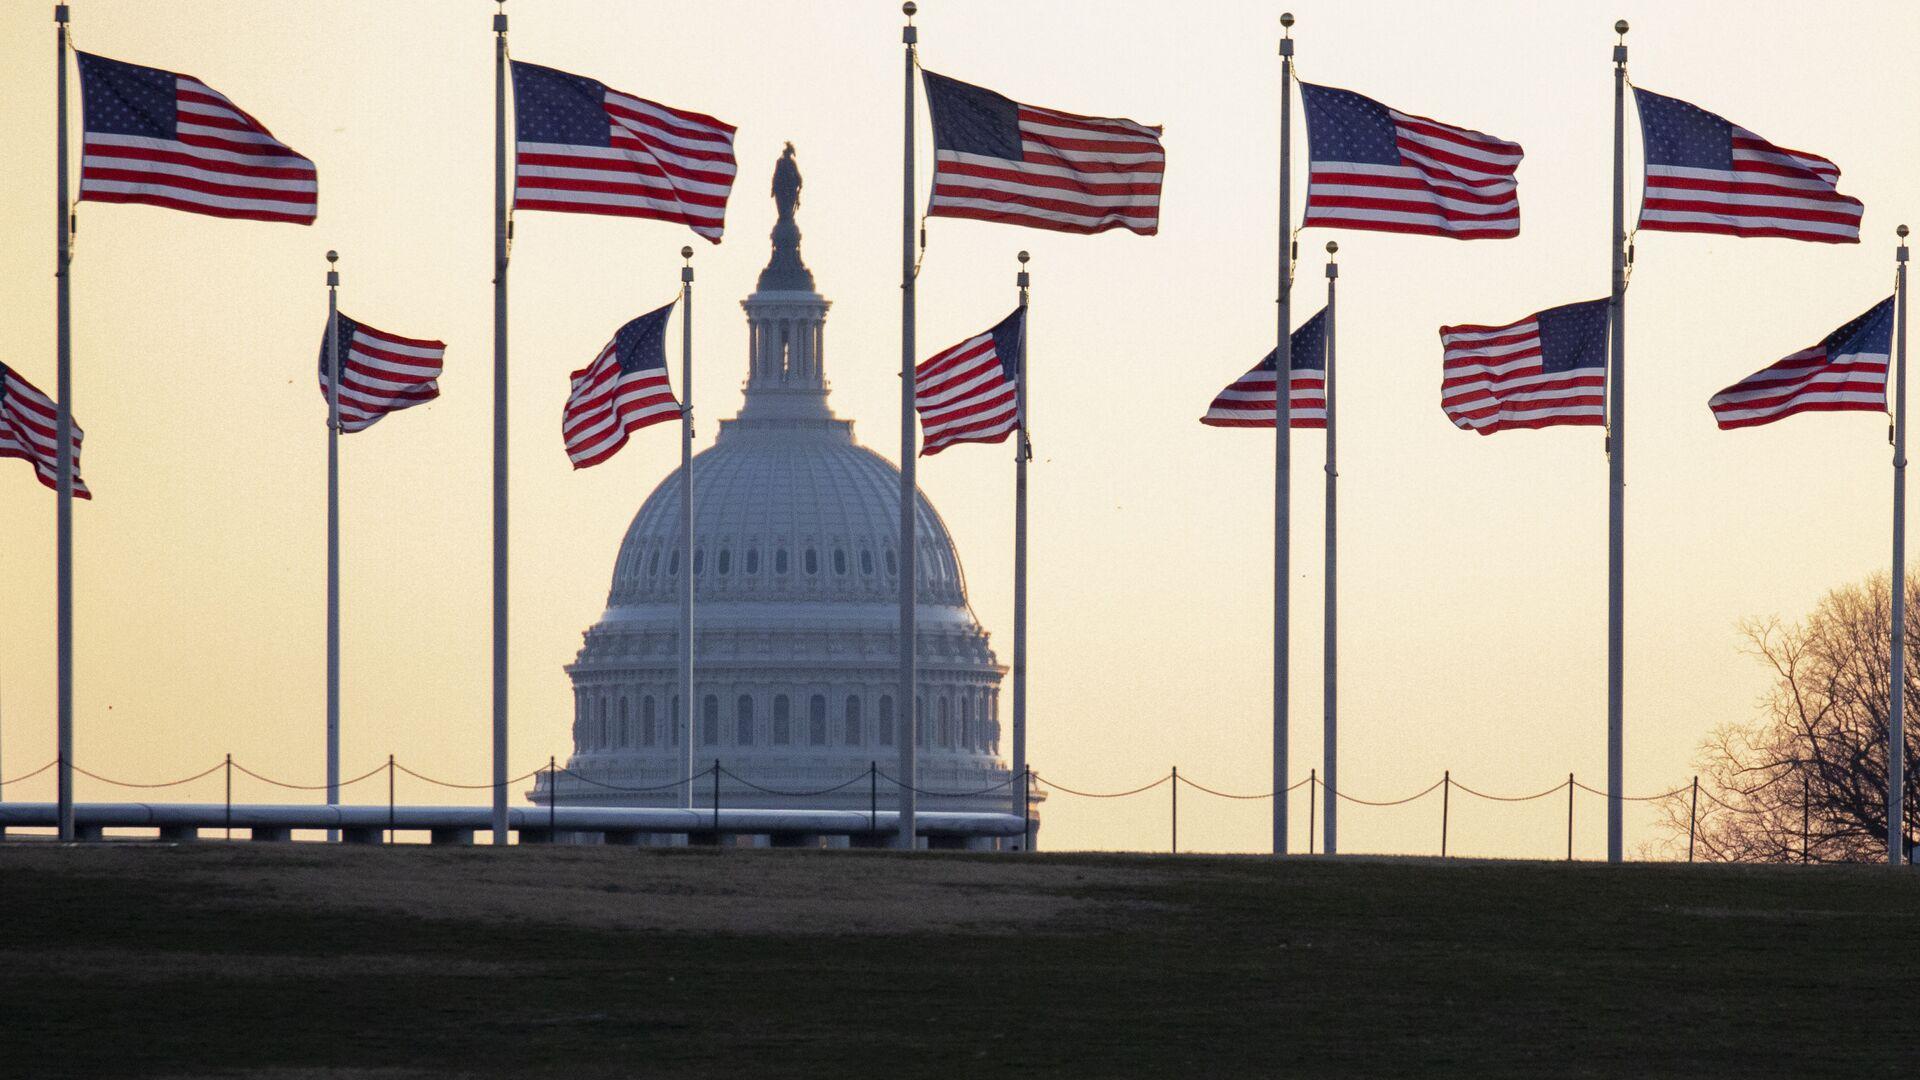 Americké vlajky ve Washingtonu - Sputnik Česká republika, 1920, 12.04.2021